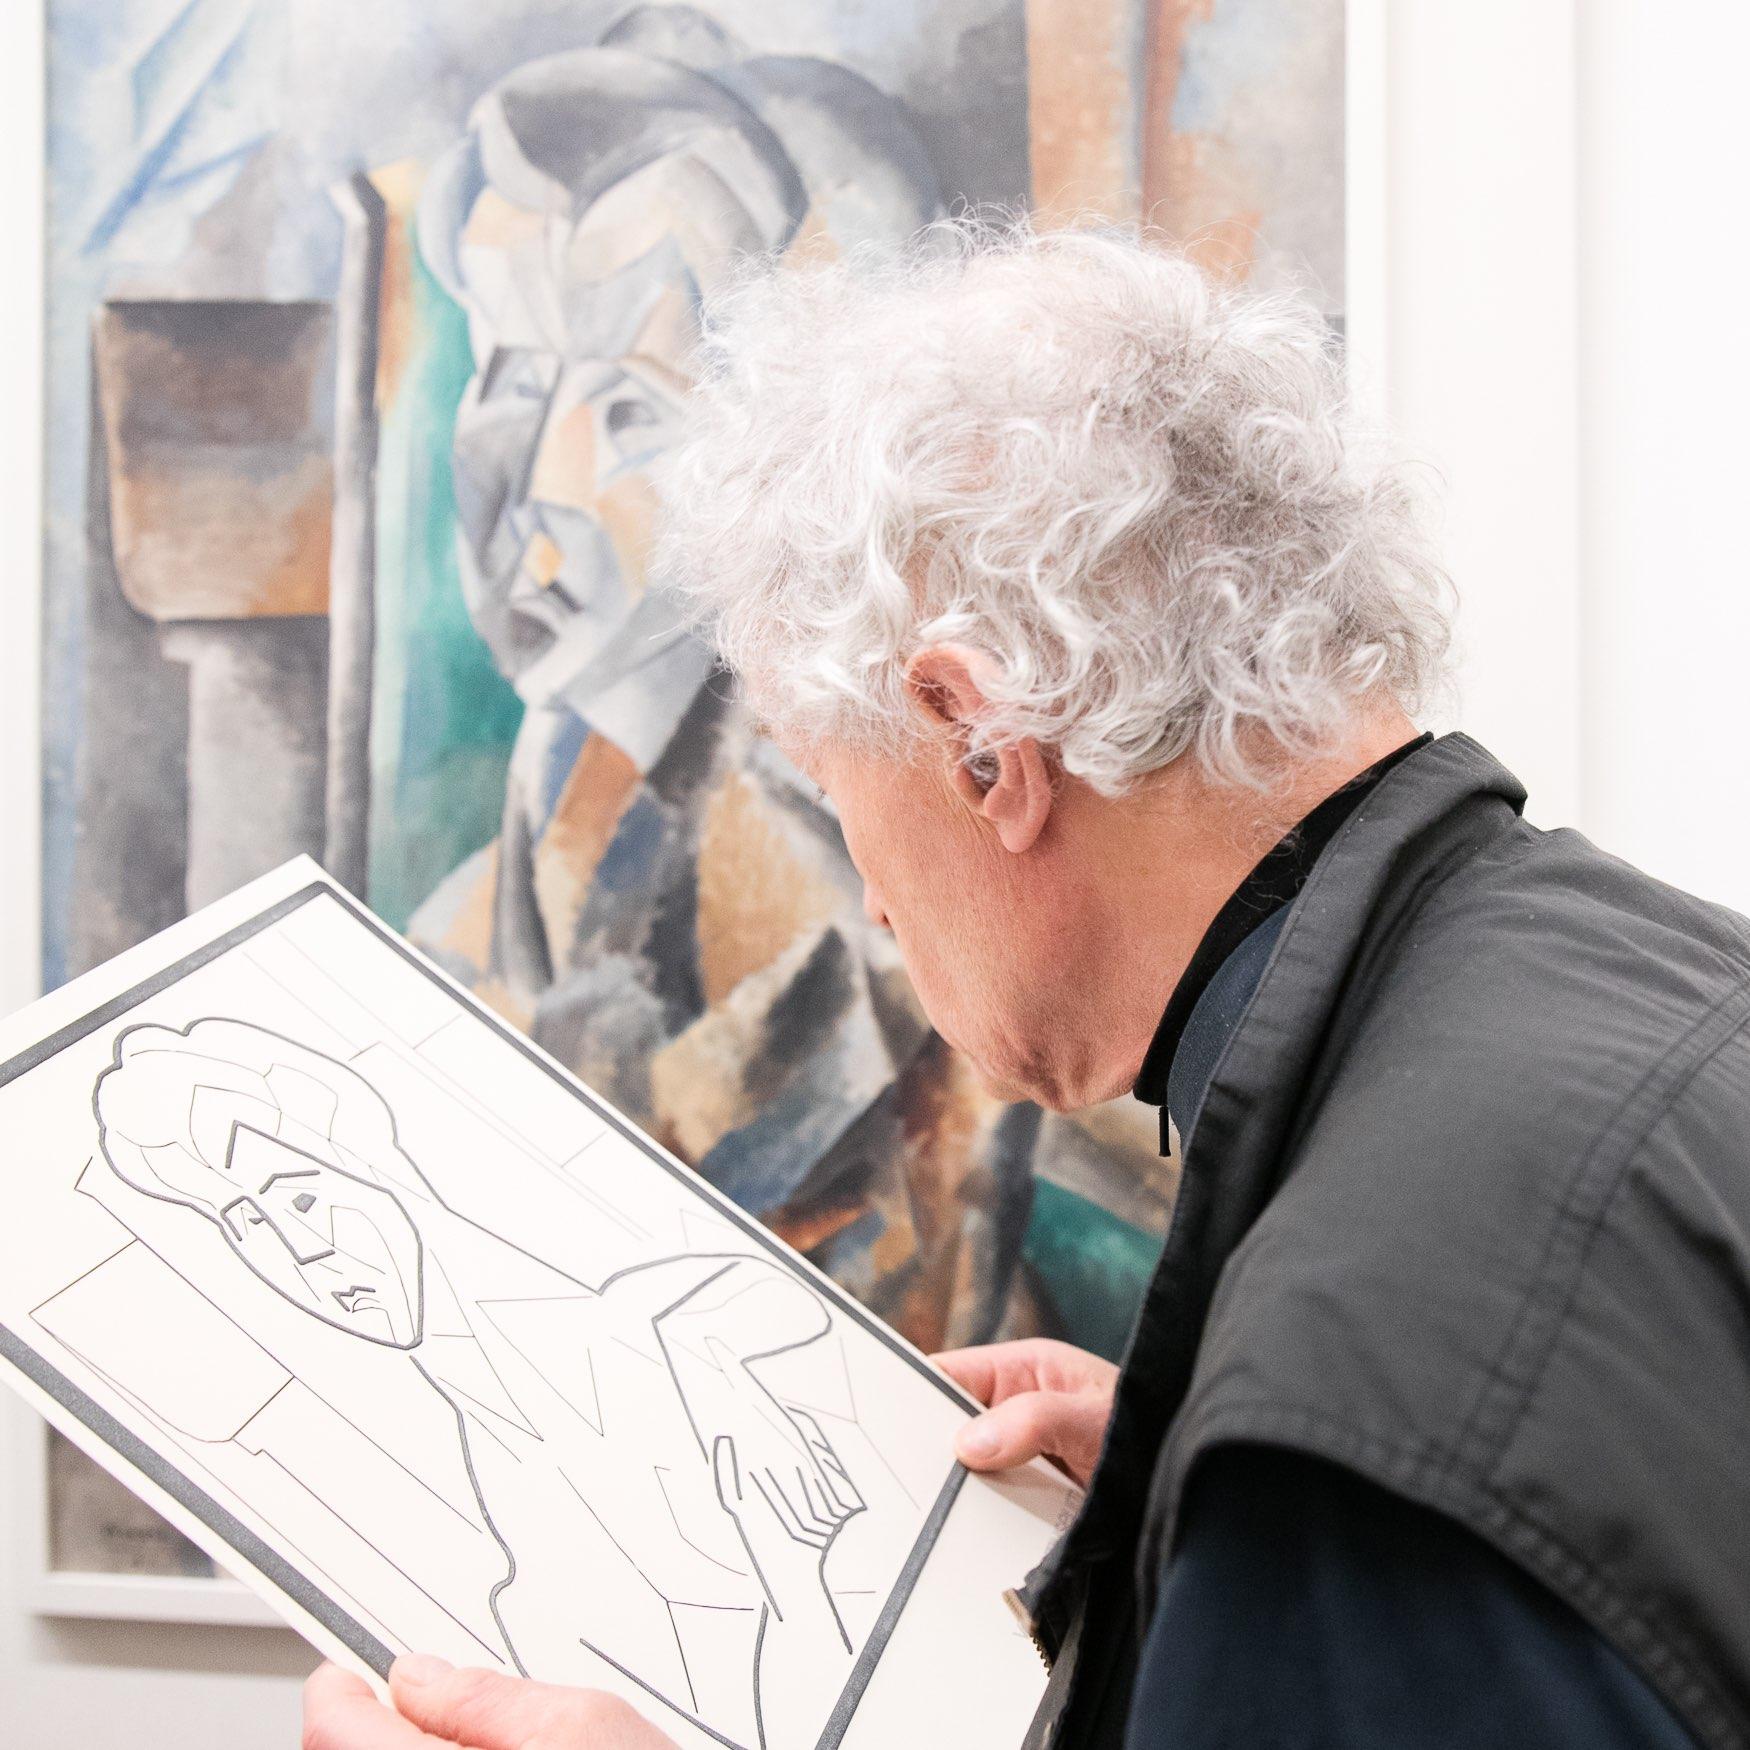 Slechtziende bezoeker betast een reproductie in de vorm van een reliëftekening van een schilderij.